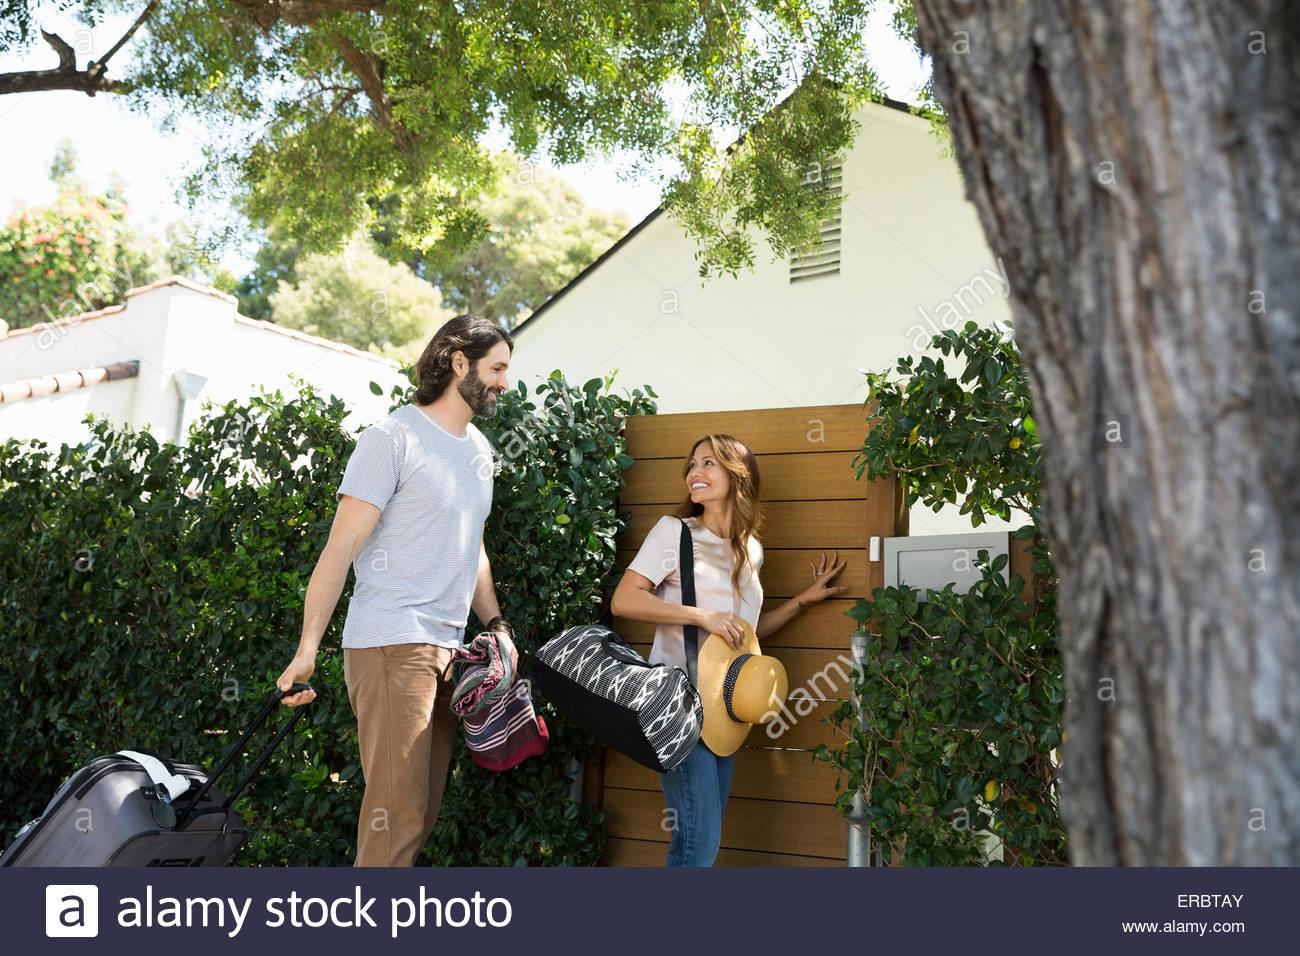 Zu zweit mit Gepäck angekommen Urlaub Haus Tor Stockbild